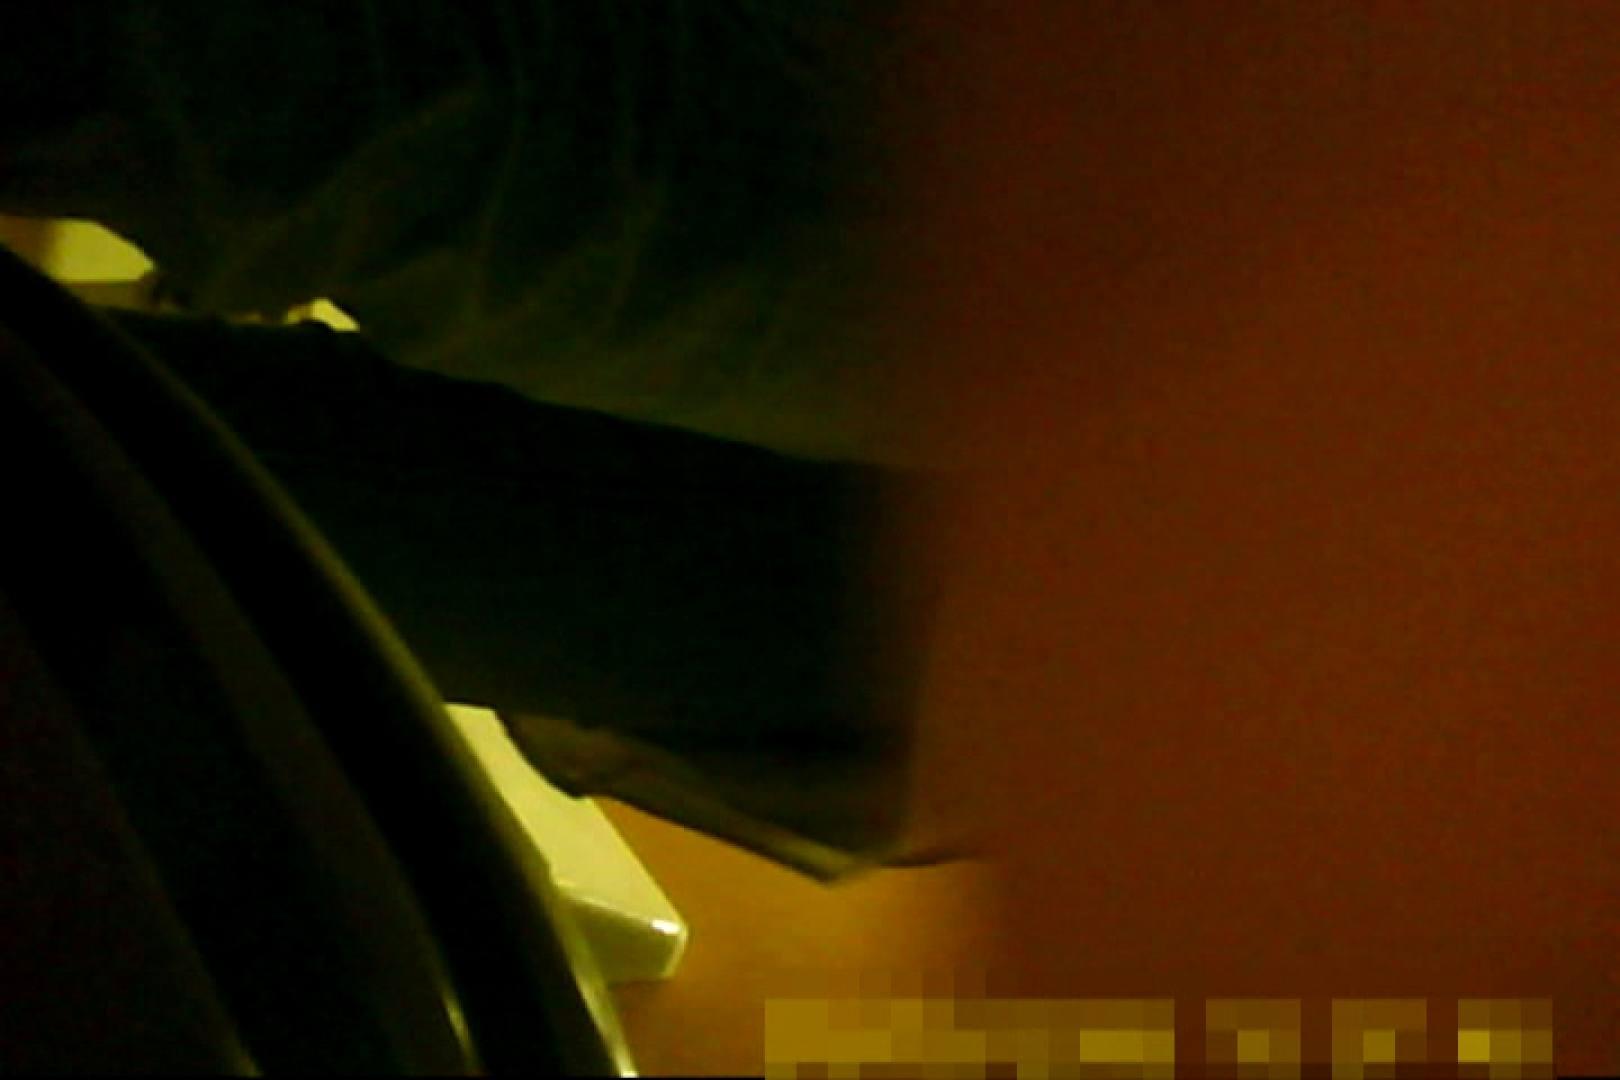 魅惑の化粧室~禁断のプライベート空間~20 チラ見え画像 ワレメ無修正動画無料 96連発 94